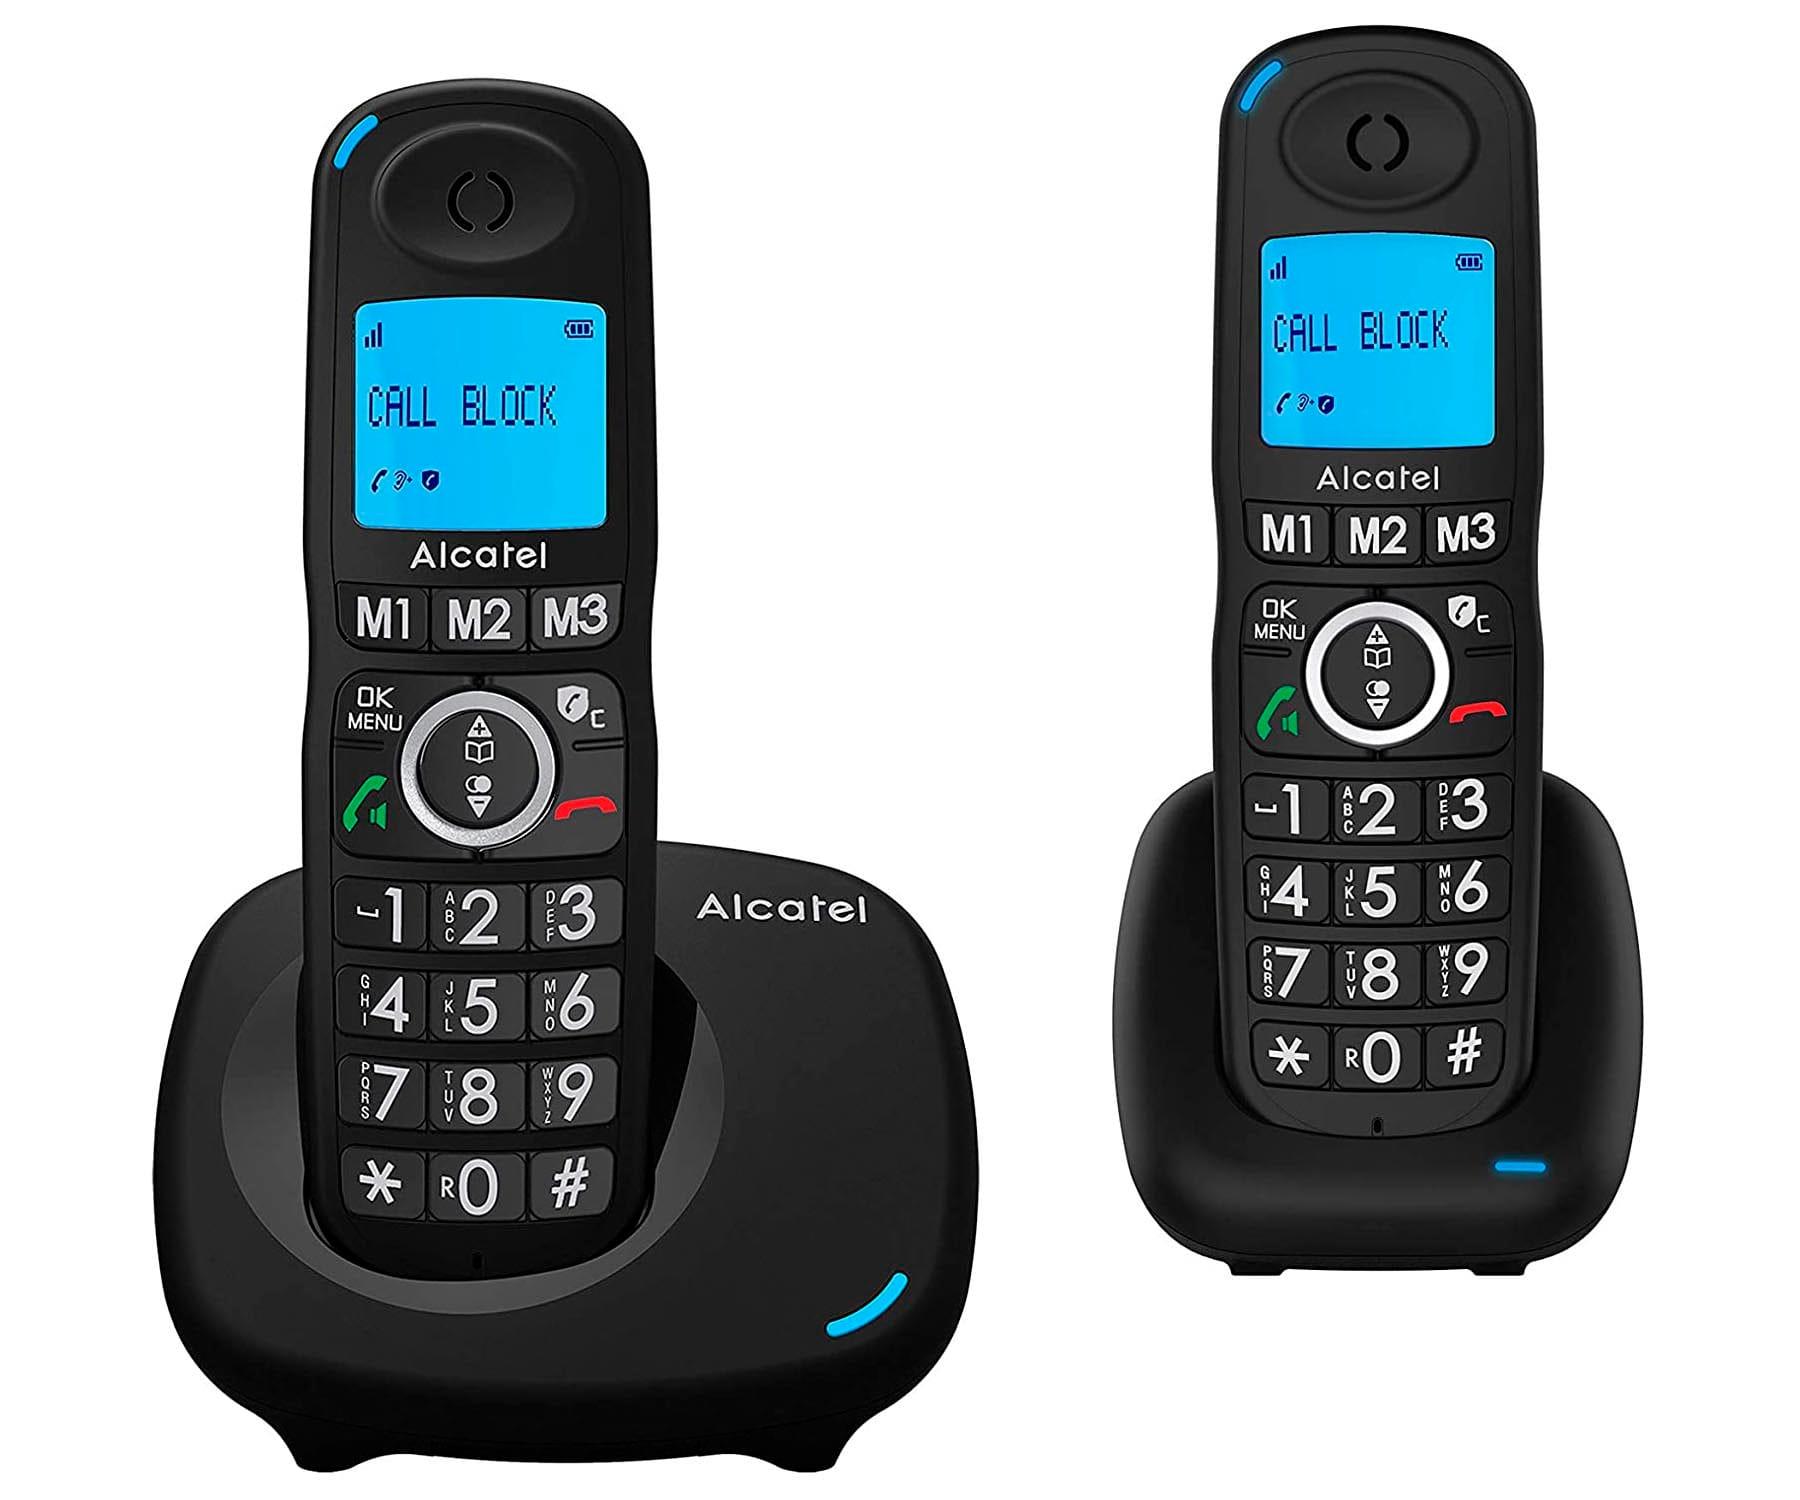 ALCATEL XL535 NEGRO DUO TELÉFONOS FIJOS INALÁMBRICOS PANTALLA RETROILUMINADA